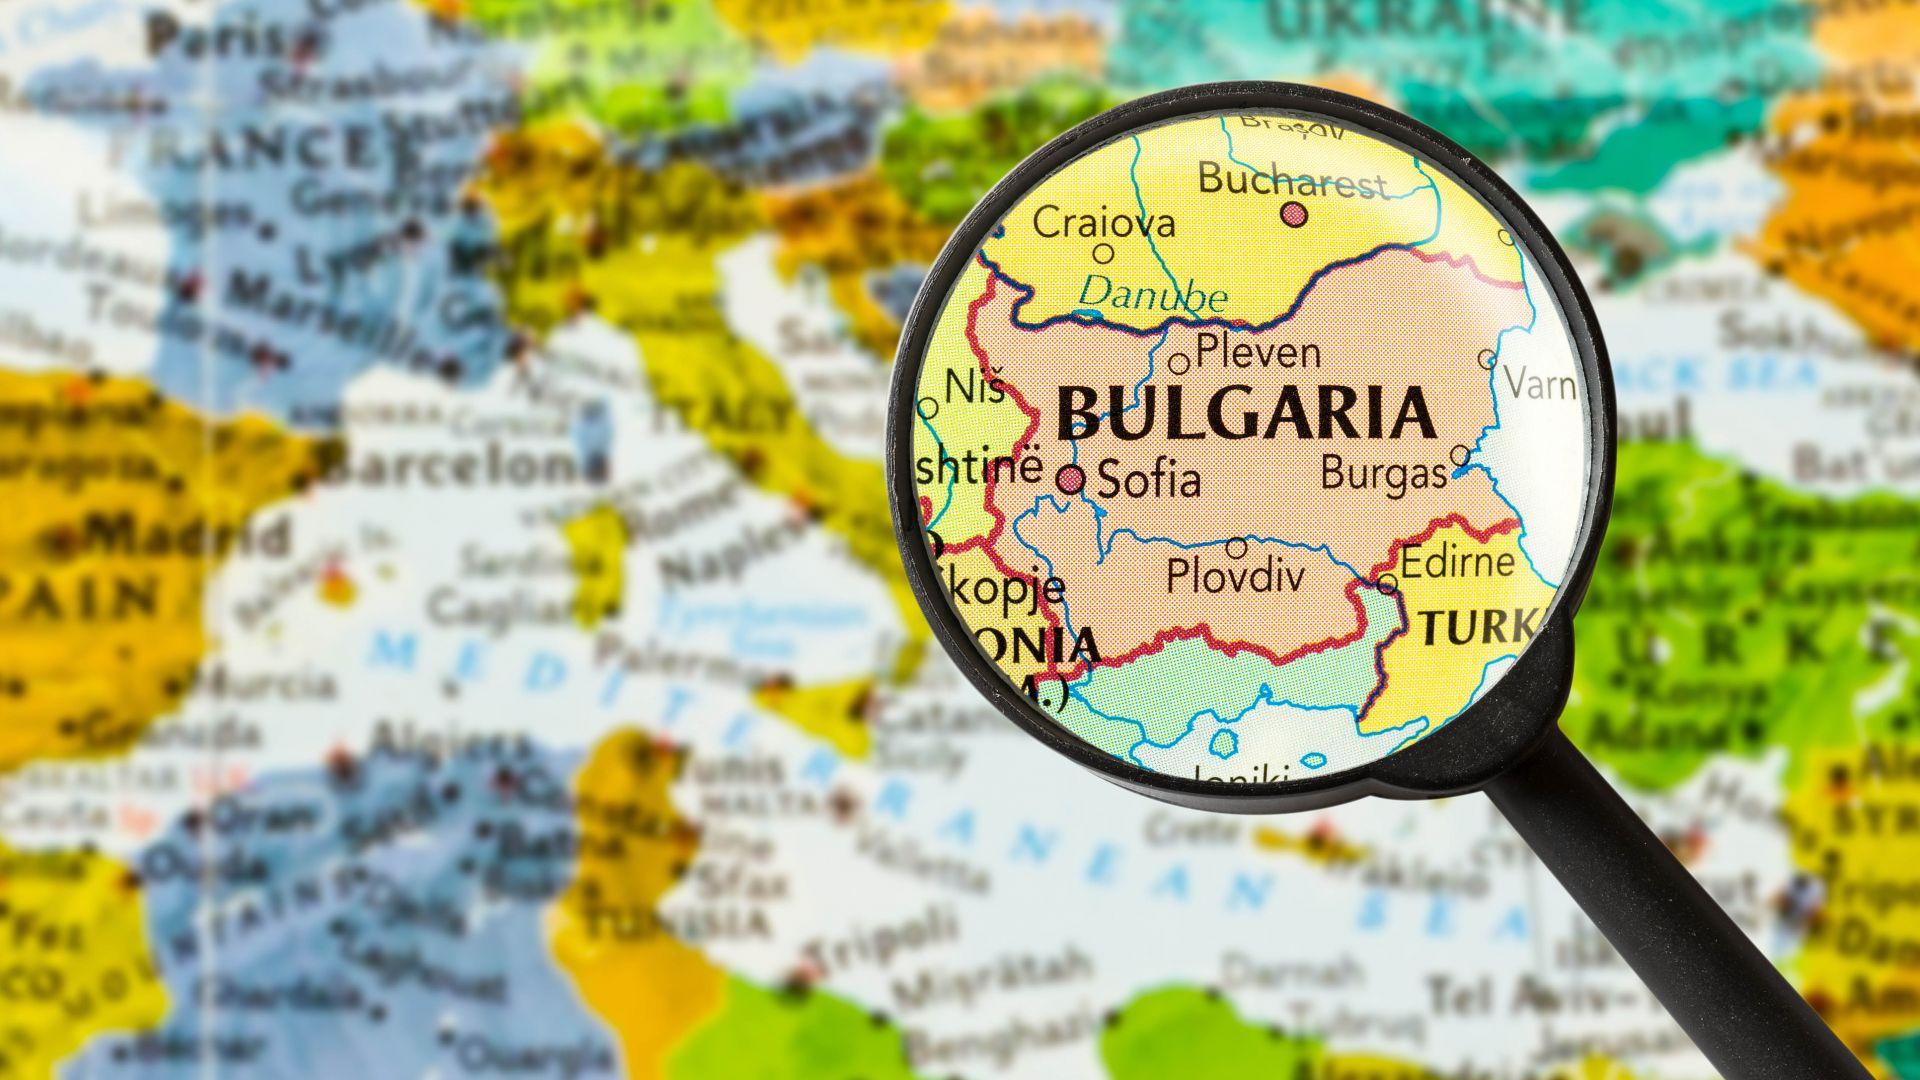 Тайните езици на България: от чалгаджийски говор до корпоративните англицизми